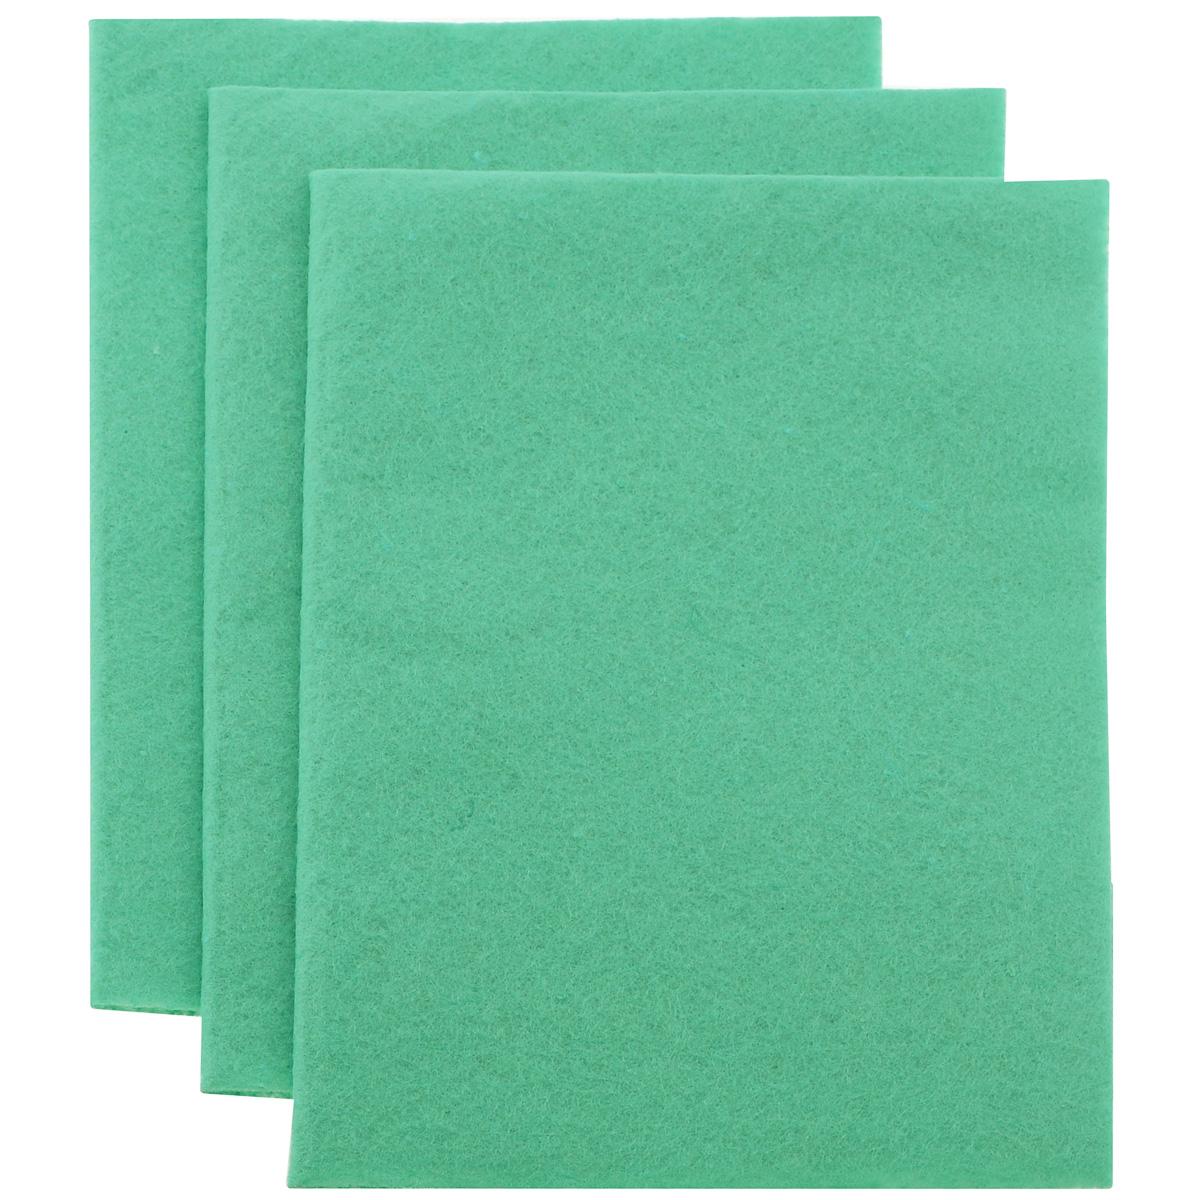 Салфетка для уборки Home Queen, цвет в ассортименте, 30 см х 38 см, 3 шт салфетка home queen цветы цвет синий диаметр 30 см